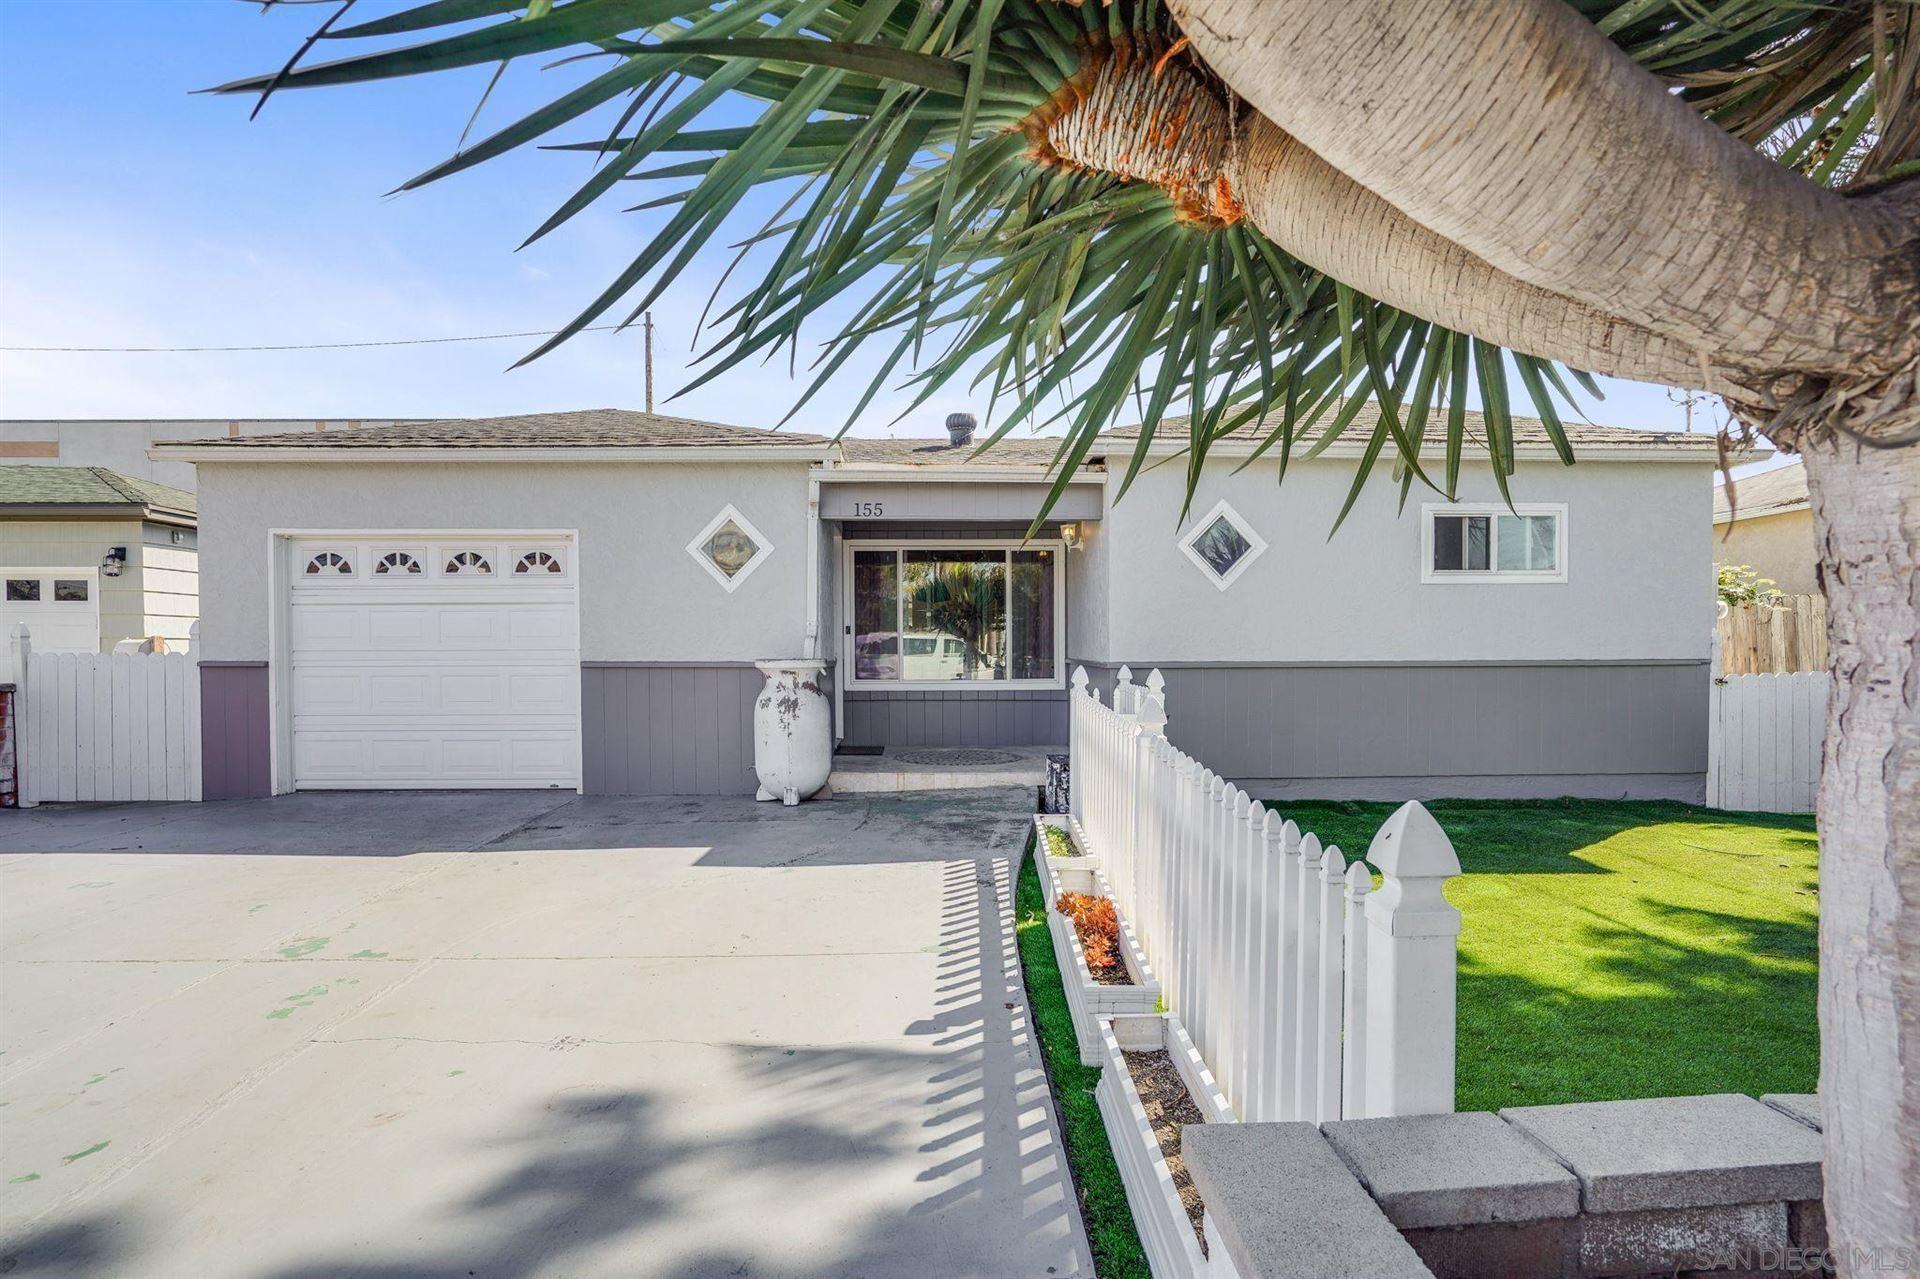 Photo of 155 Citrus Ave., Imperial Beach, CA 91932 (MLS # 210014858)